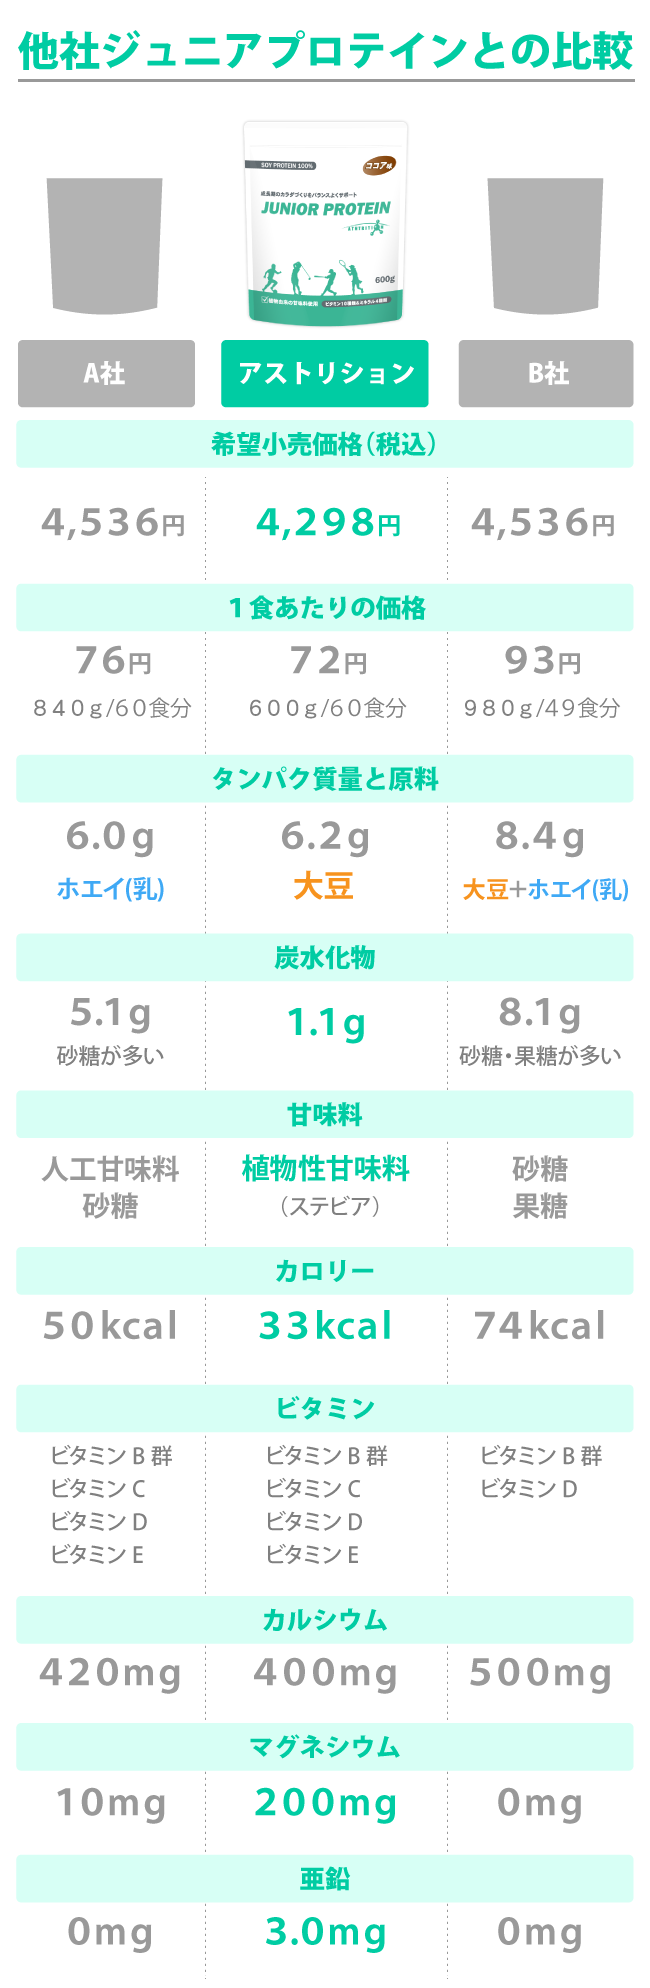 ジュニアプロテインの比較表